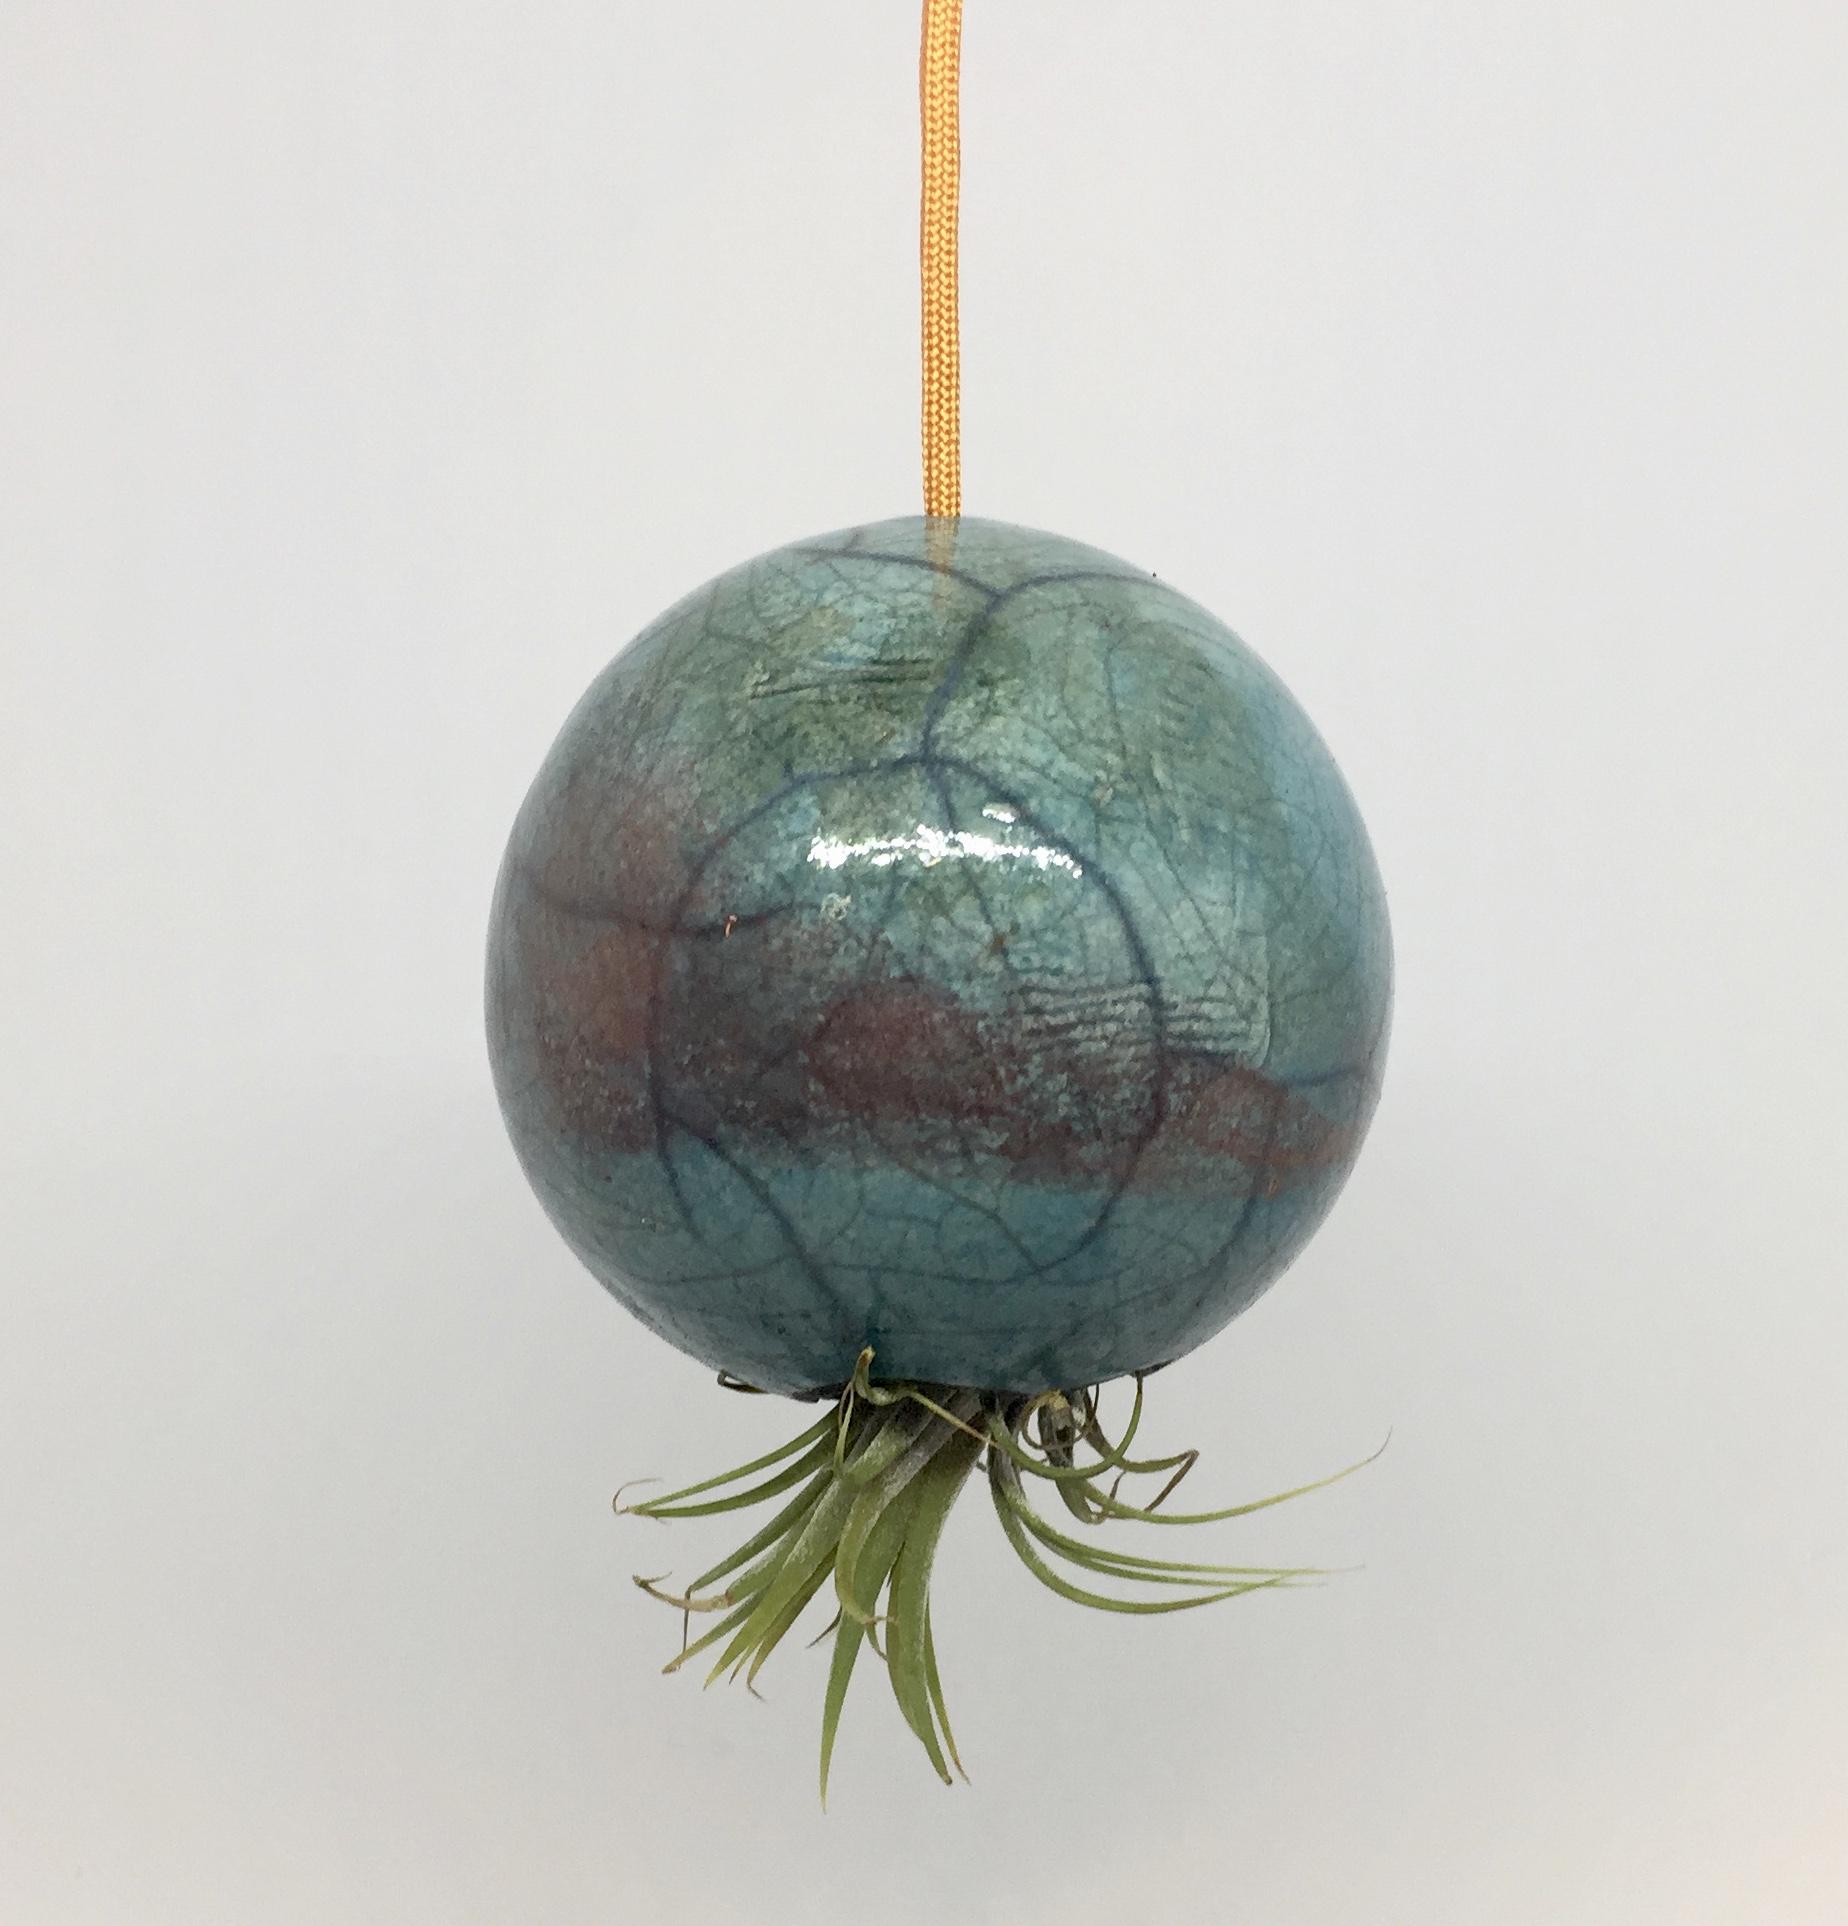 Hængevase til Tillandsia luftplante